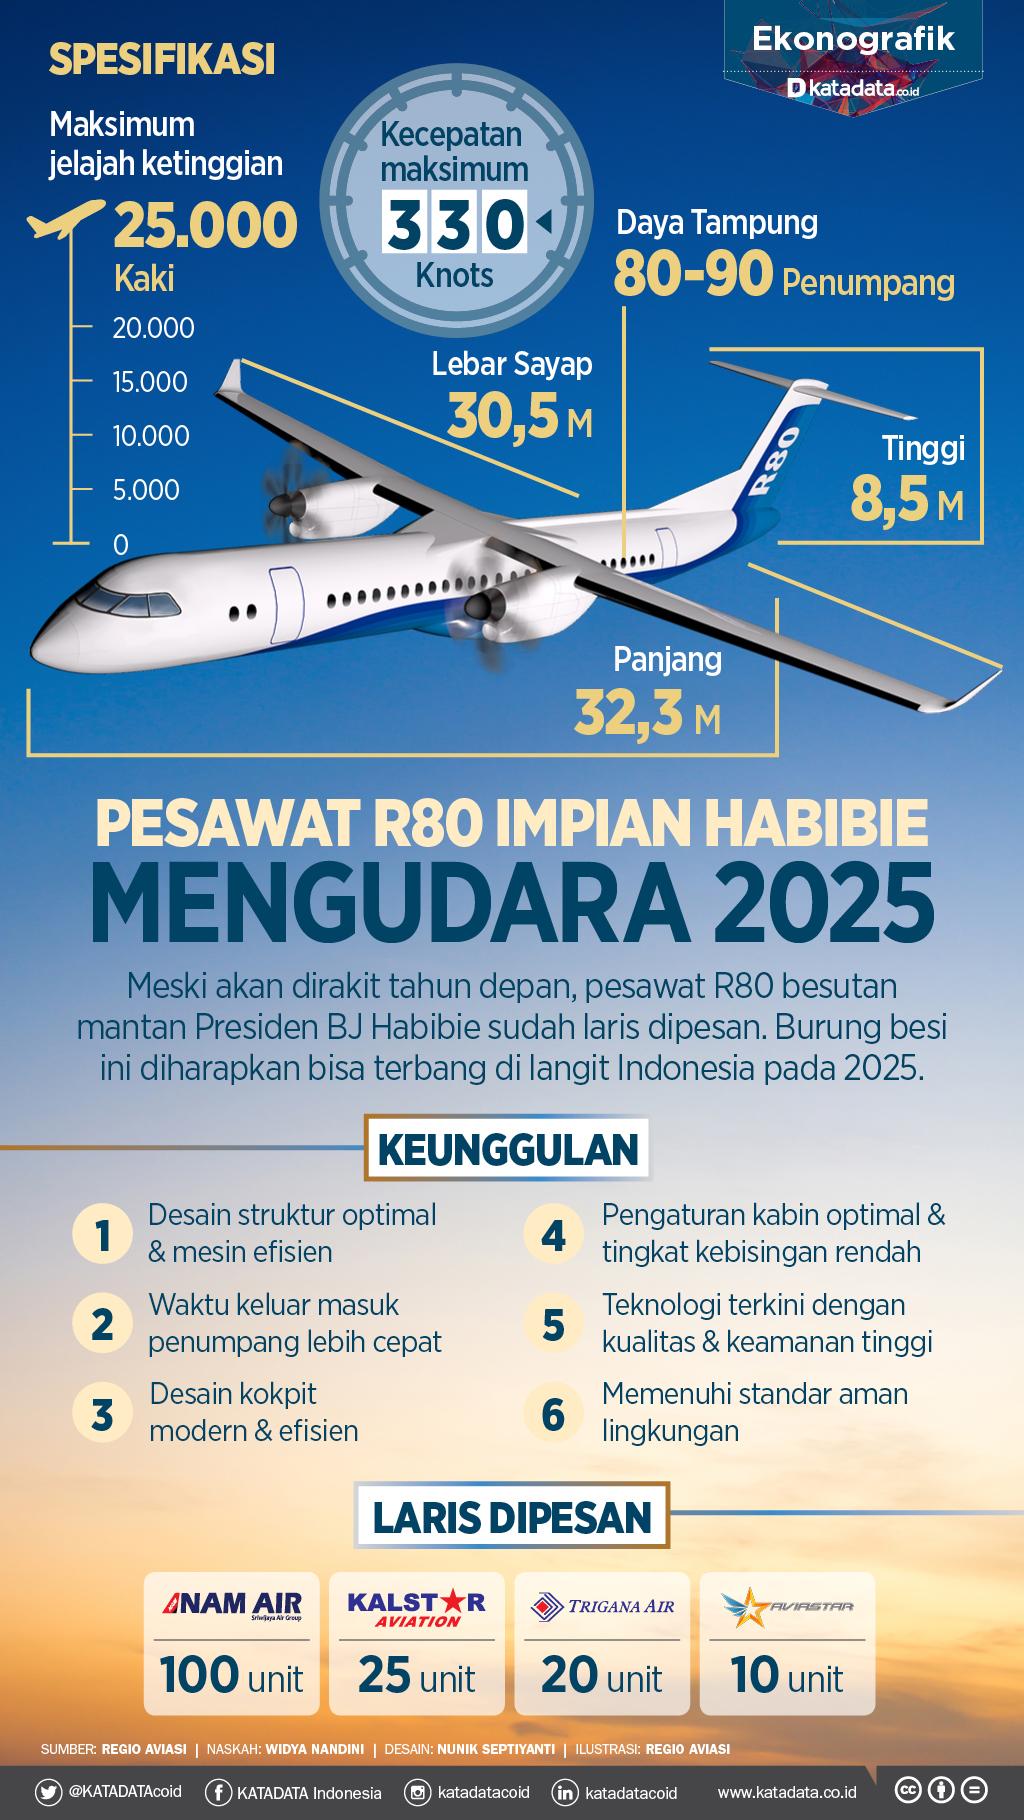 pesawat r80 habibie